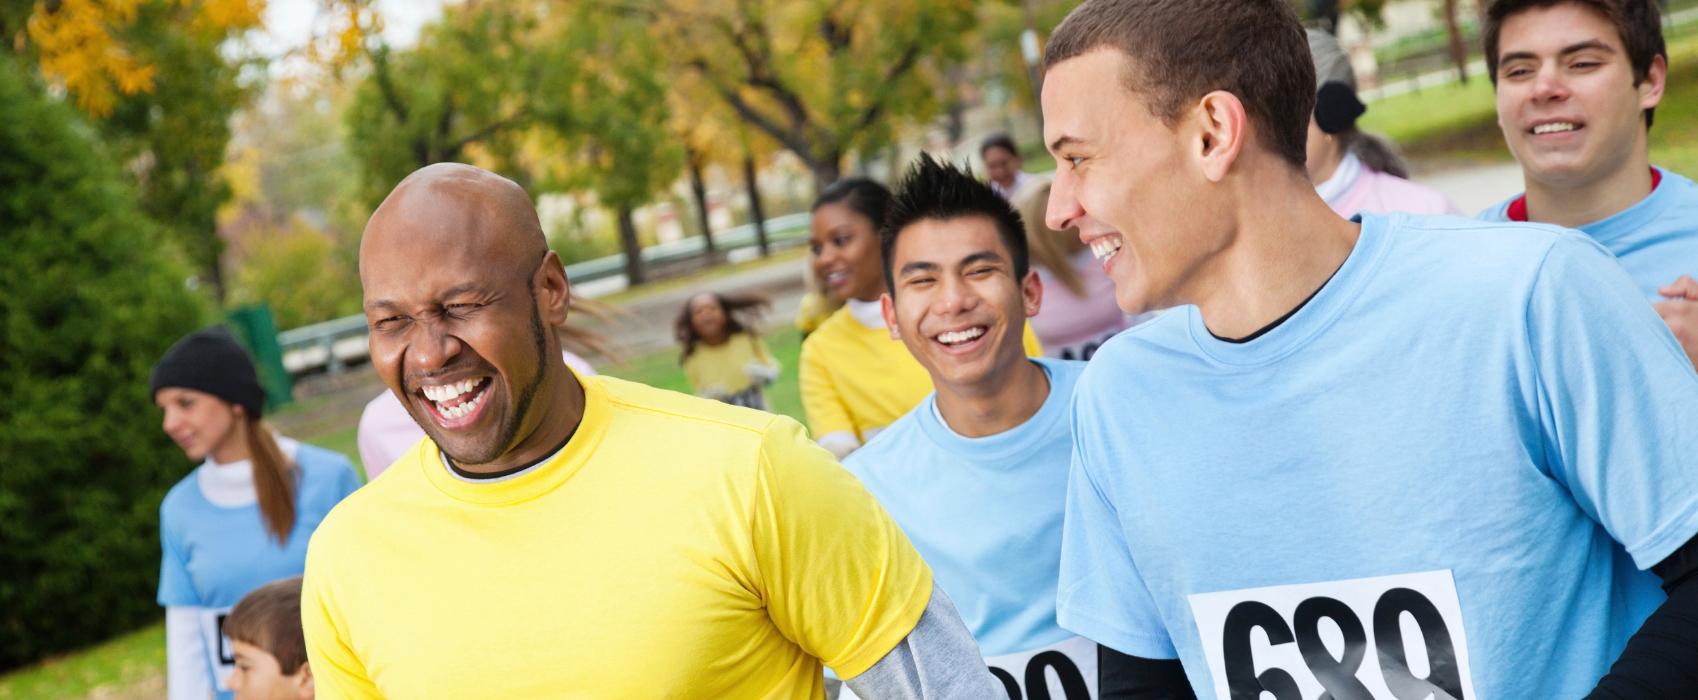 Running-a-Marathon